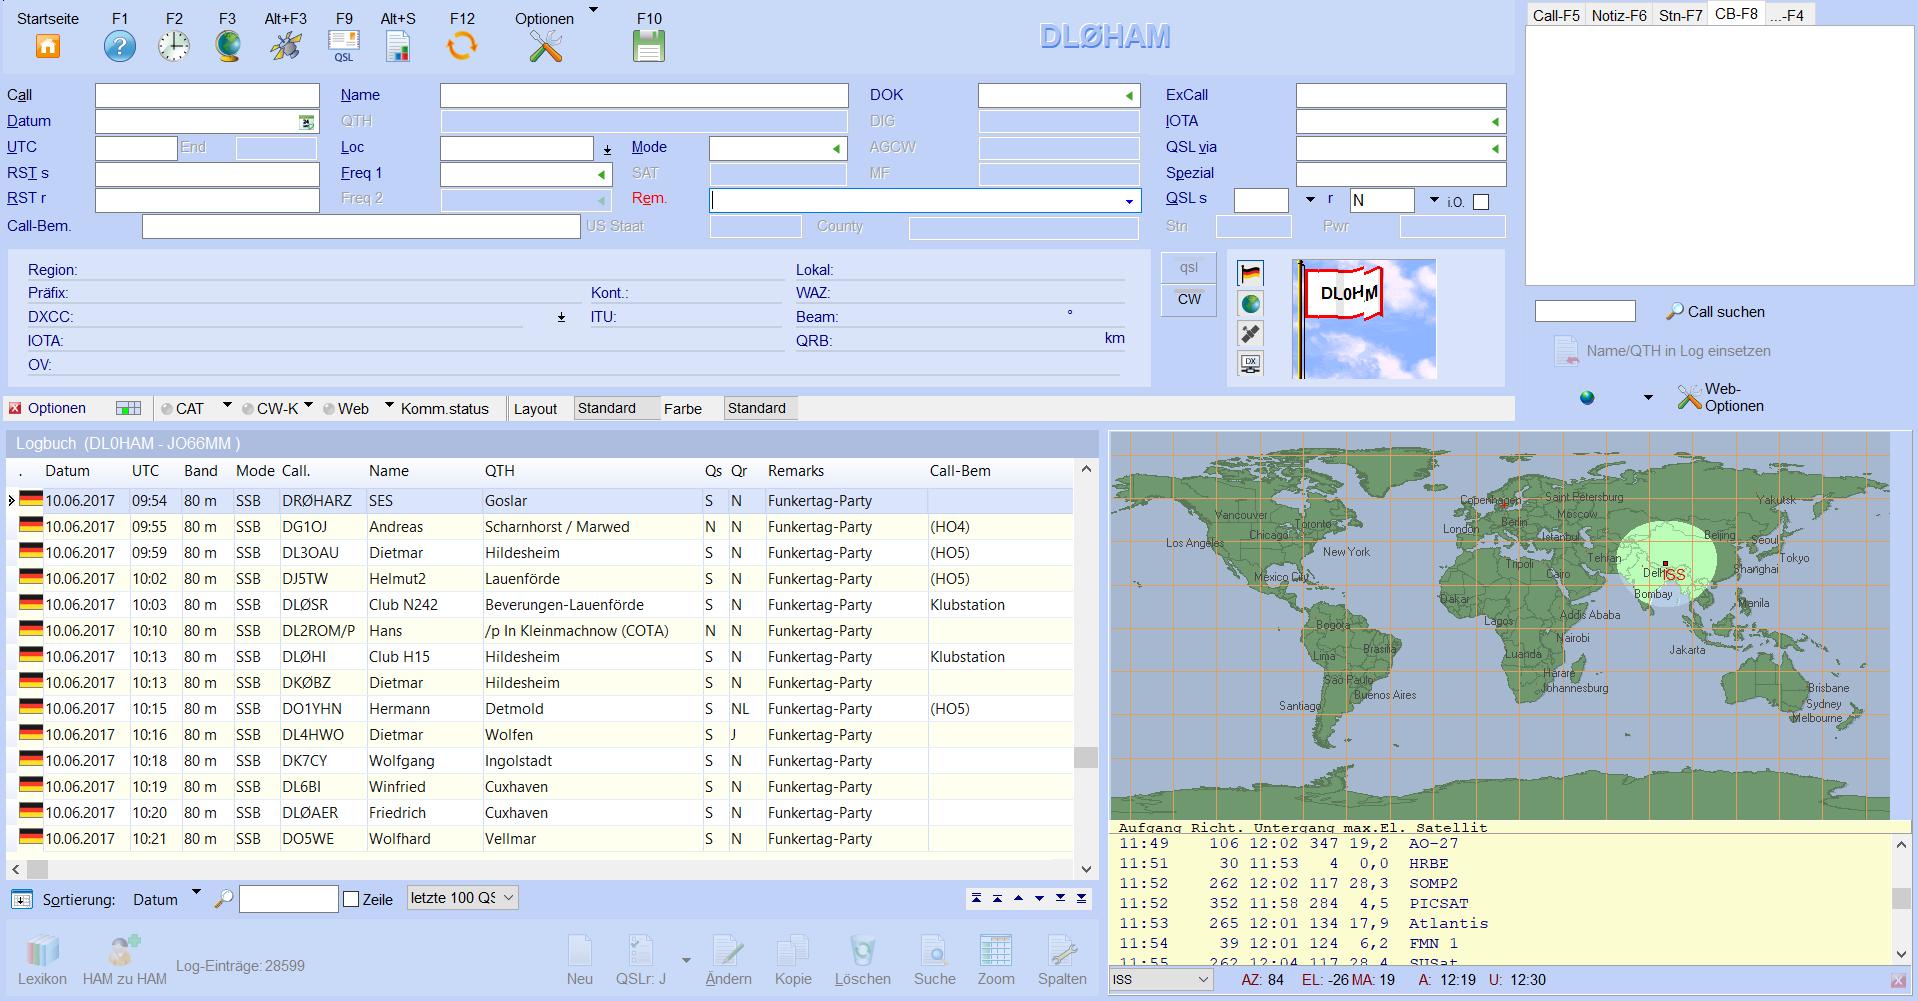 qso-eingabe mit satelliten-verfolgung hamoffice mein amateurfunk logbuch